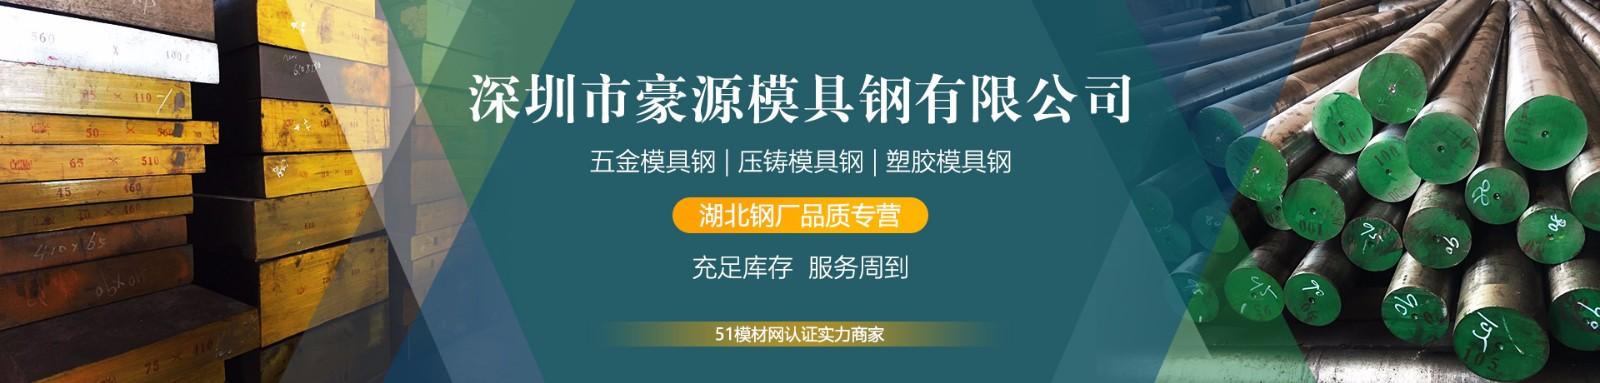 深圳市豪源模具鋼有限公司